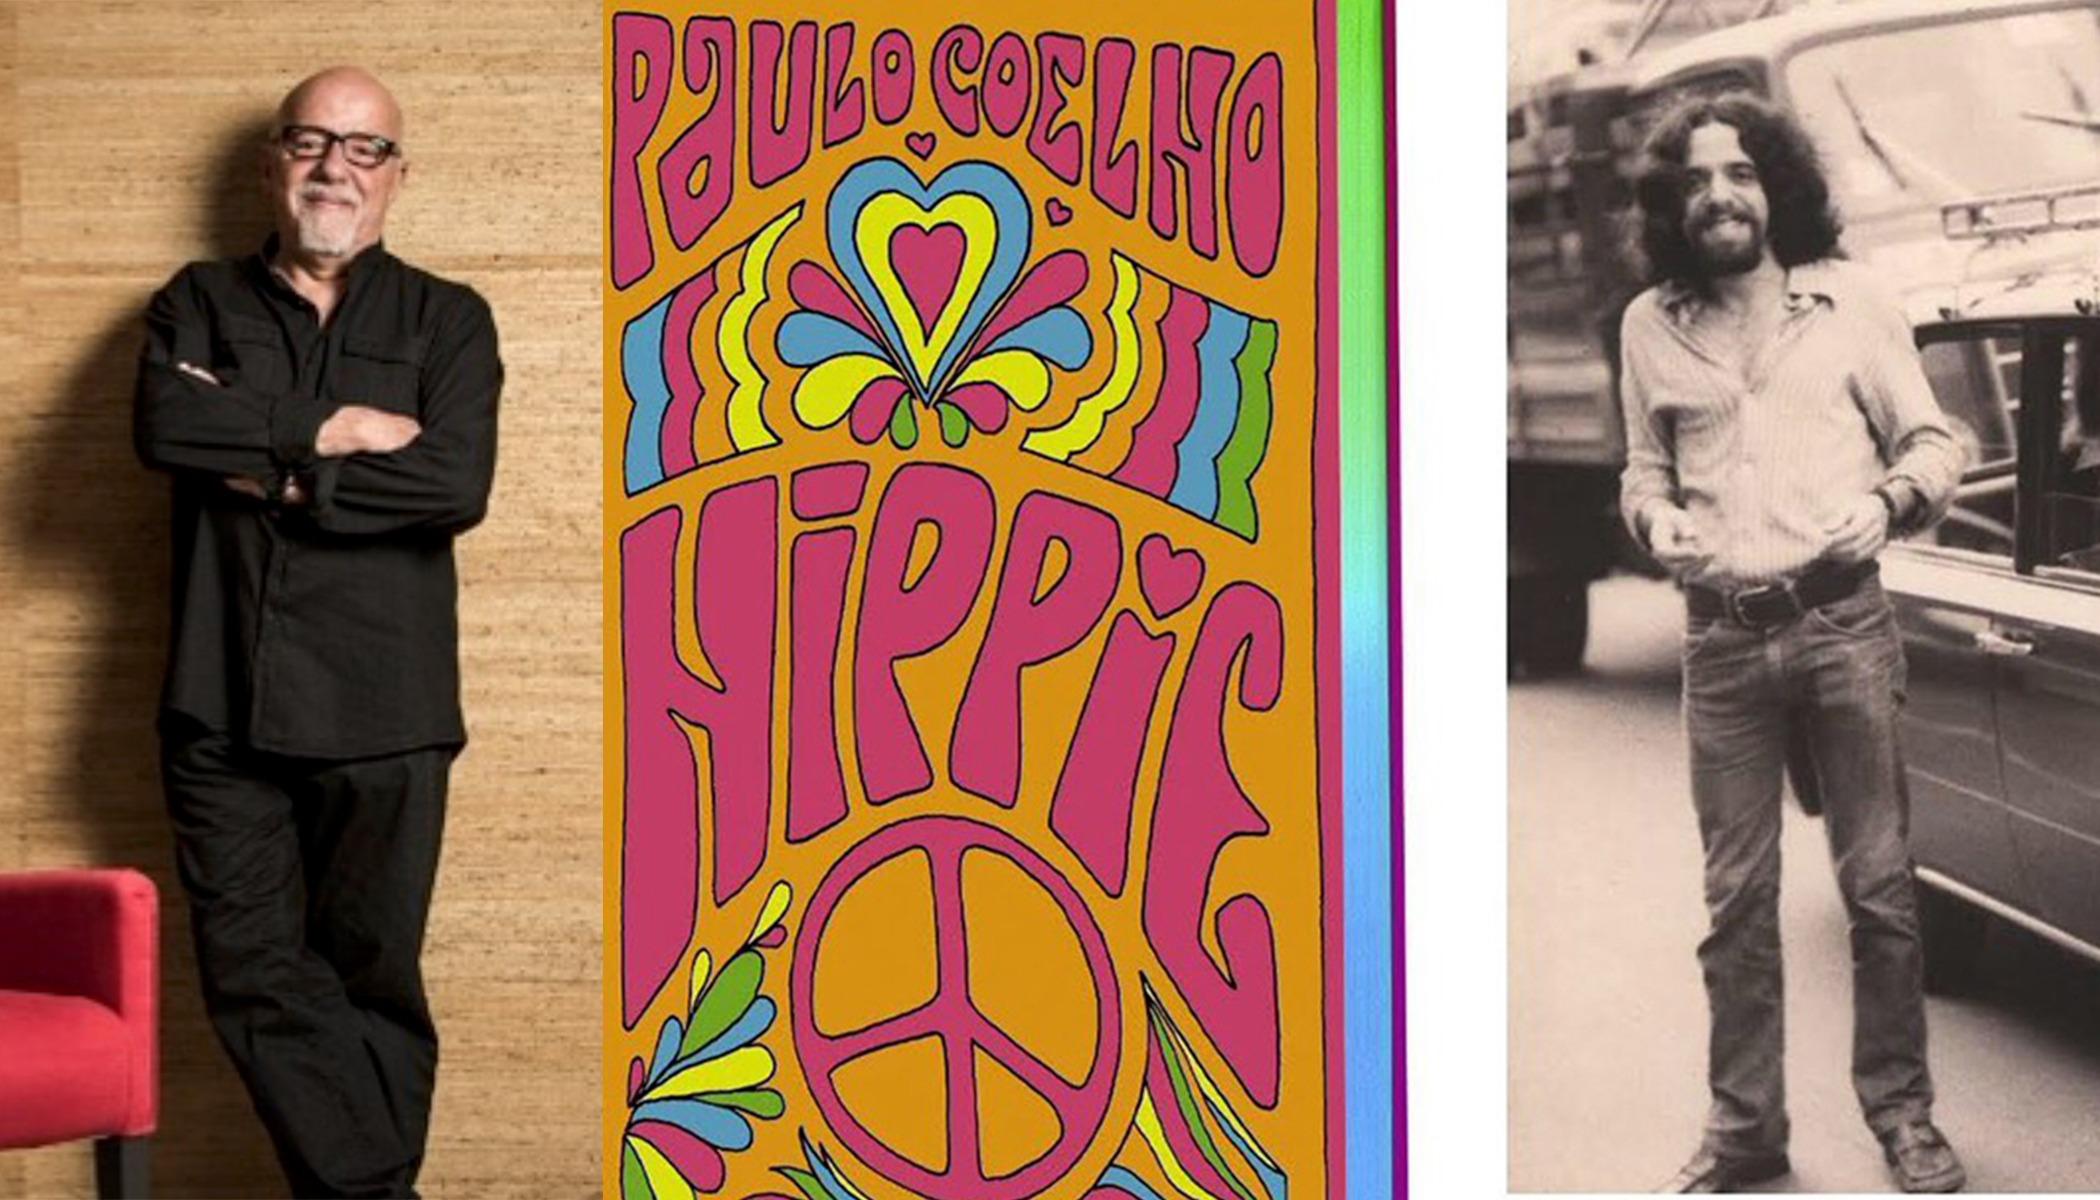 Resultado de imagen para Paulo Coelho hippie